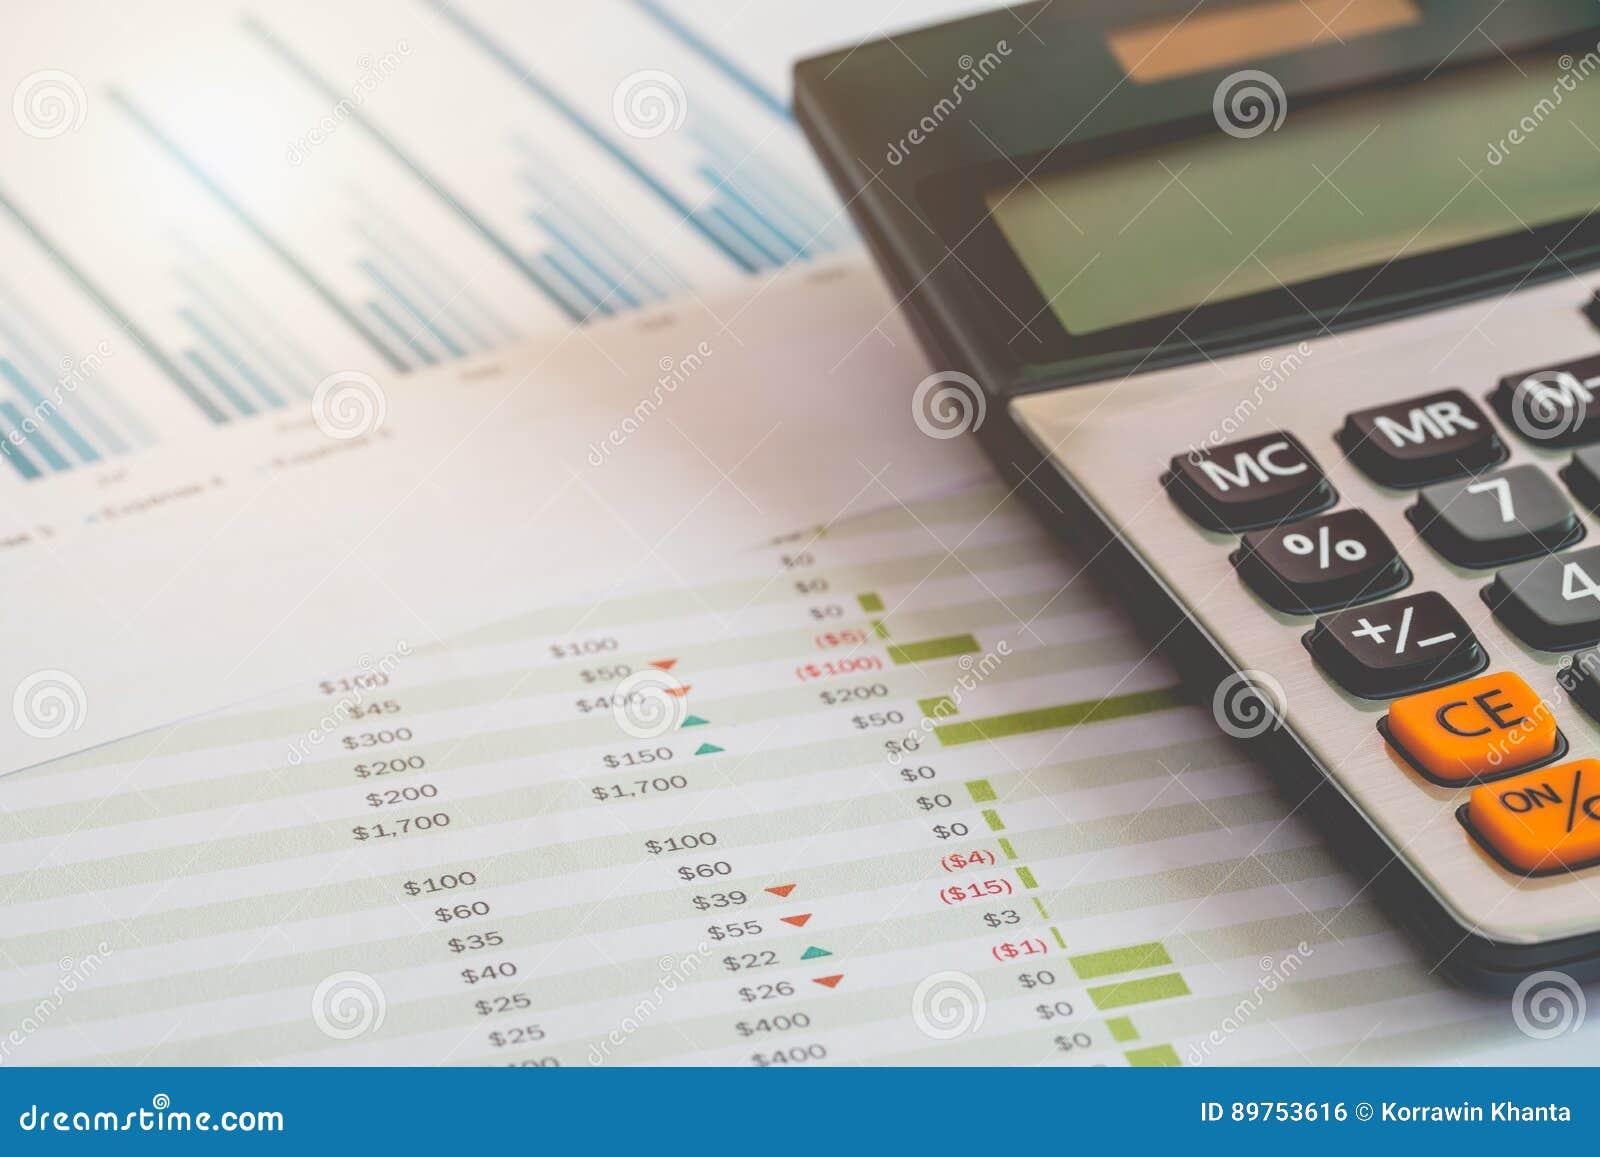 Concepto de la gestión financiera, calculadora y muchos documentos del presupuesto personal con un ordenador portátil en la tabla